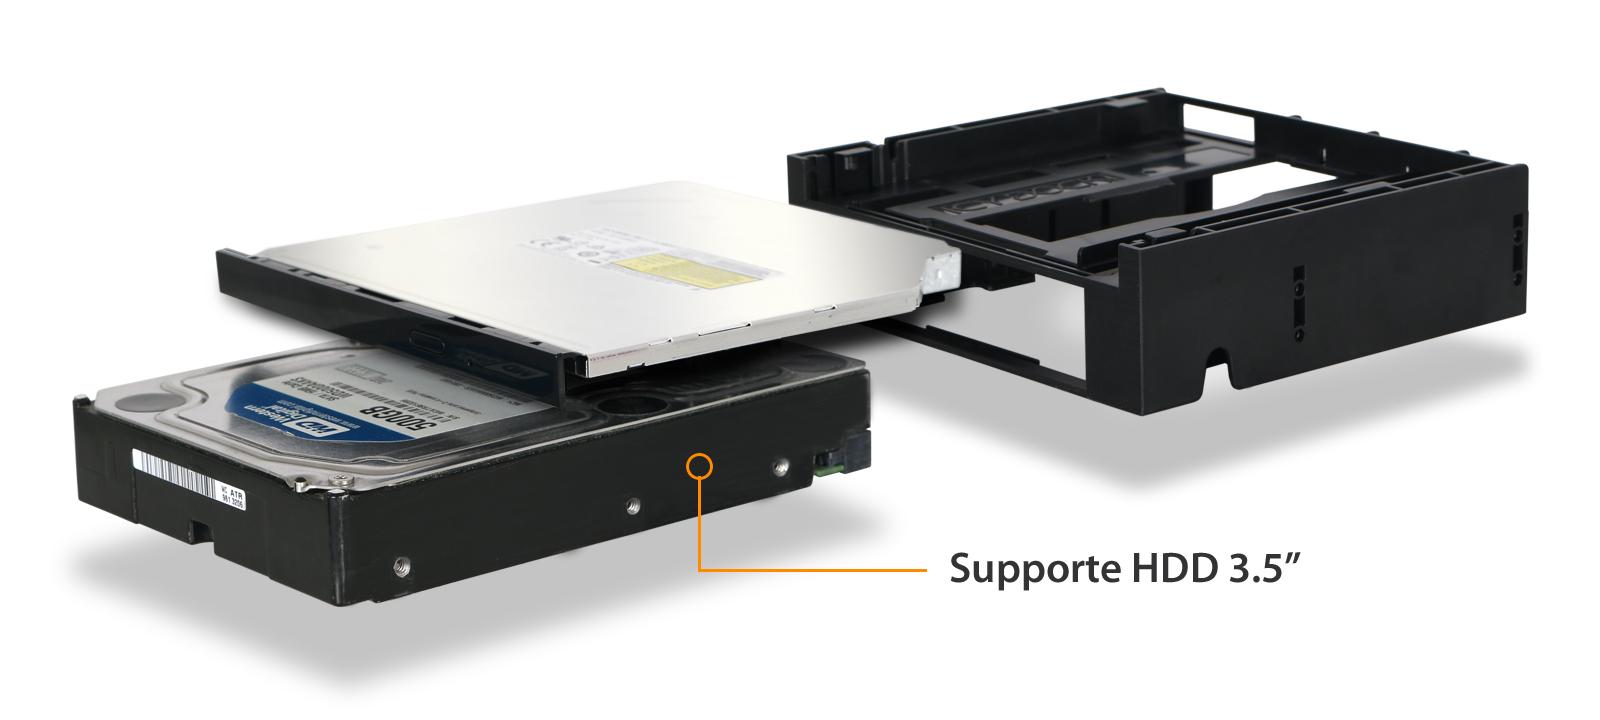 MB343SPO à côté d'un HDD 3.5 pouces